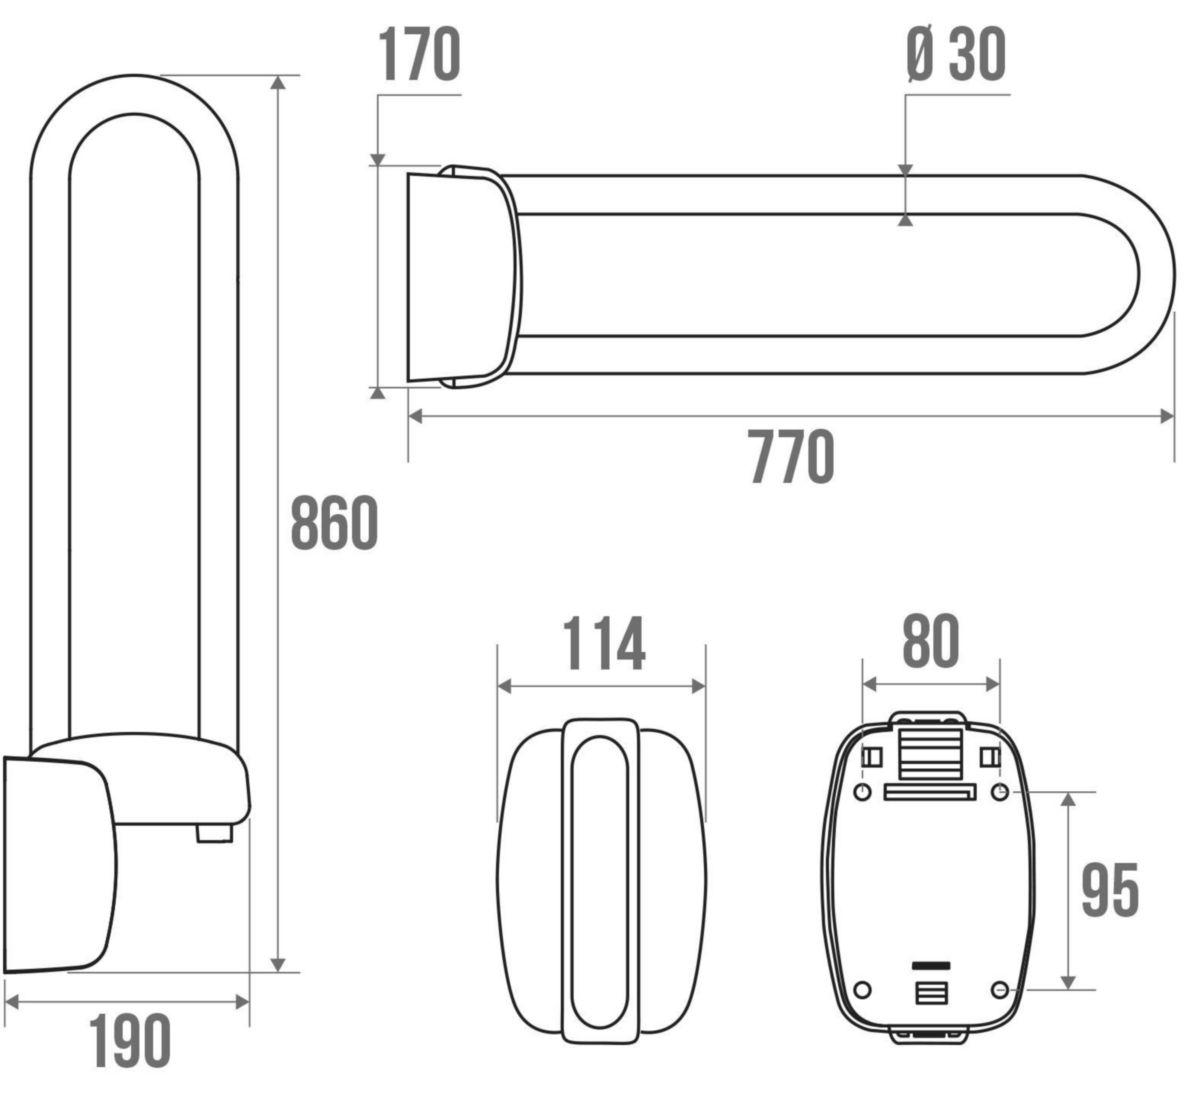 Barre d'appui relevable longueur de 80cm réf 048880